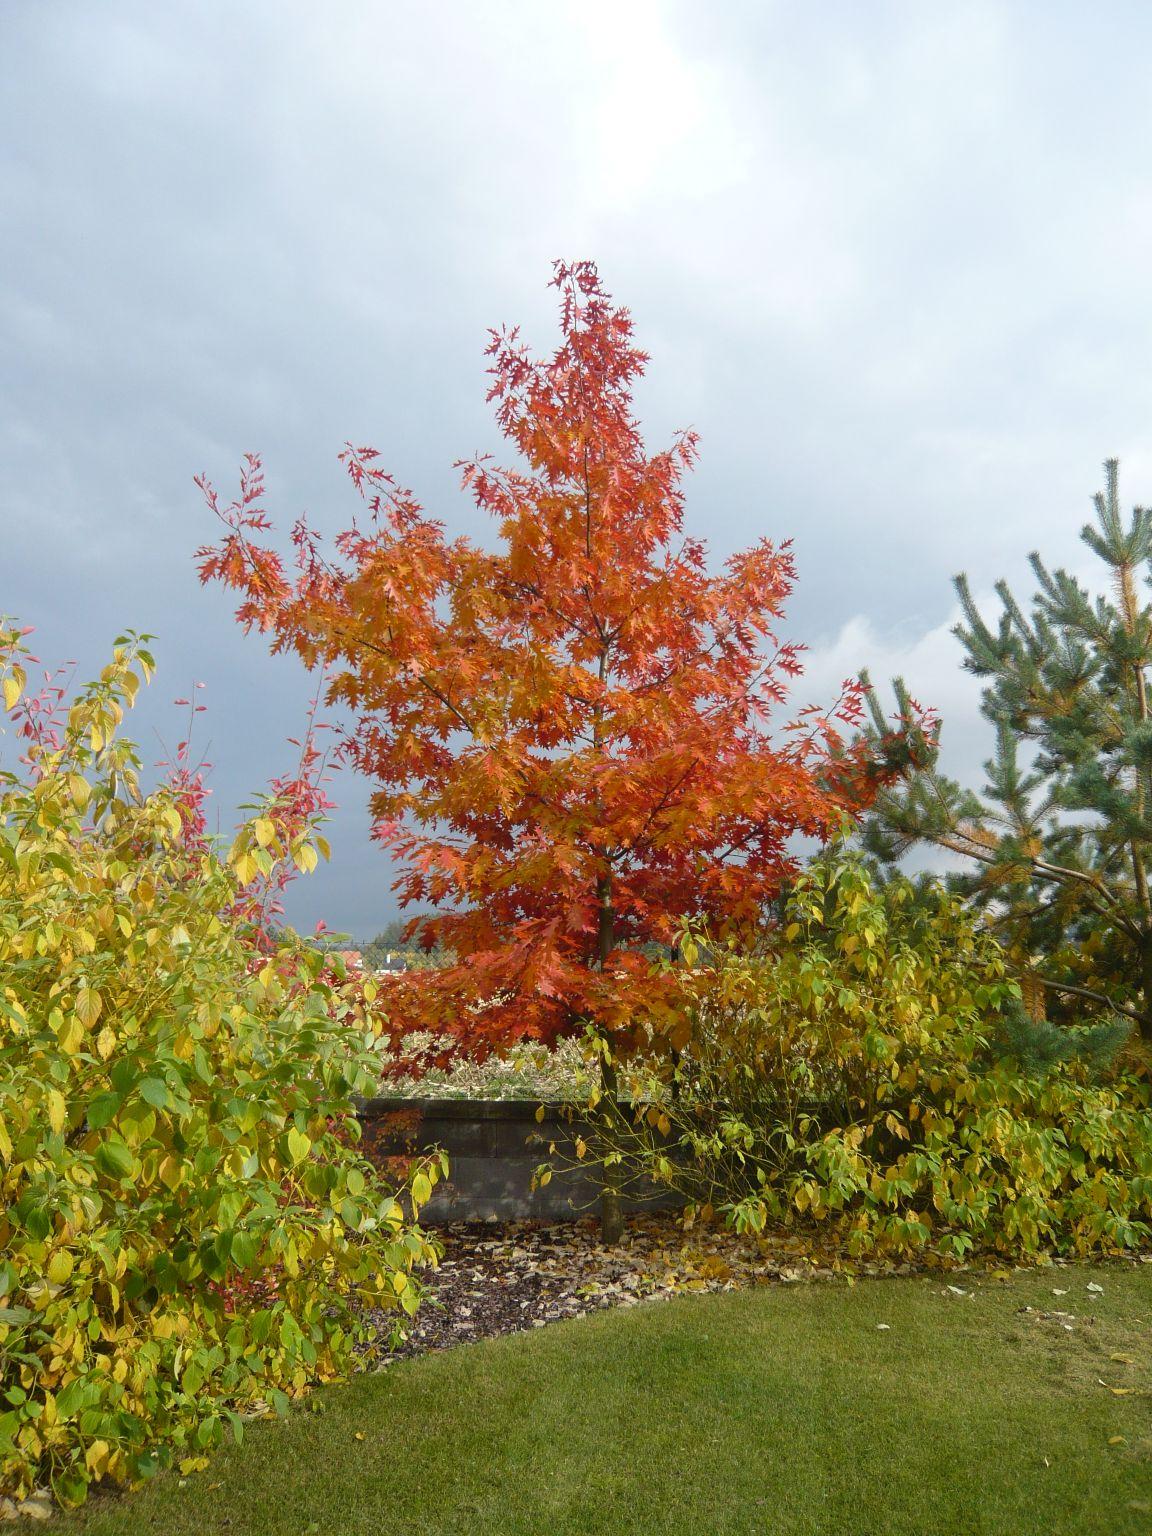 pri-vyberu-dreviny-nezapominjte-na-jeji-pusobnost-i-behem-podzimu-a-zimy.jpg